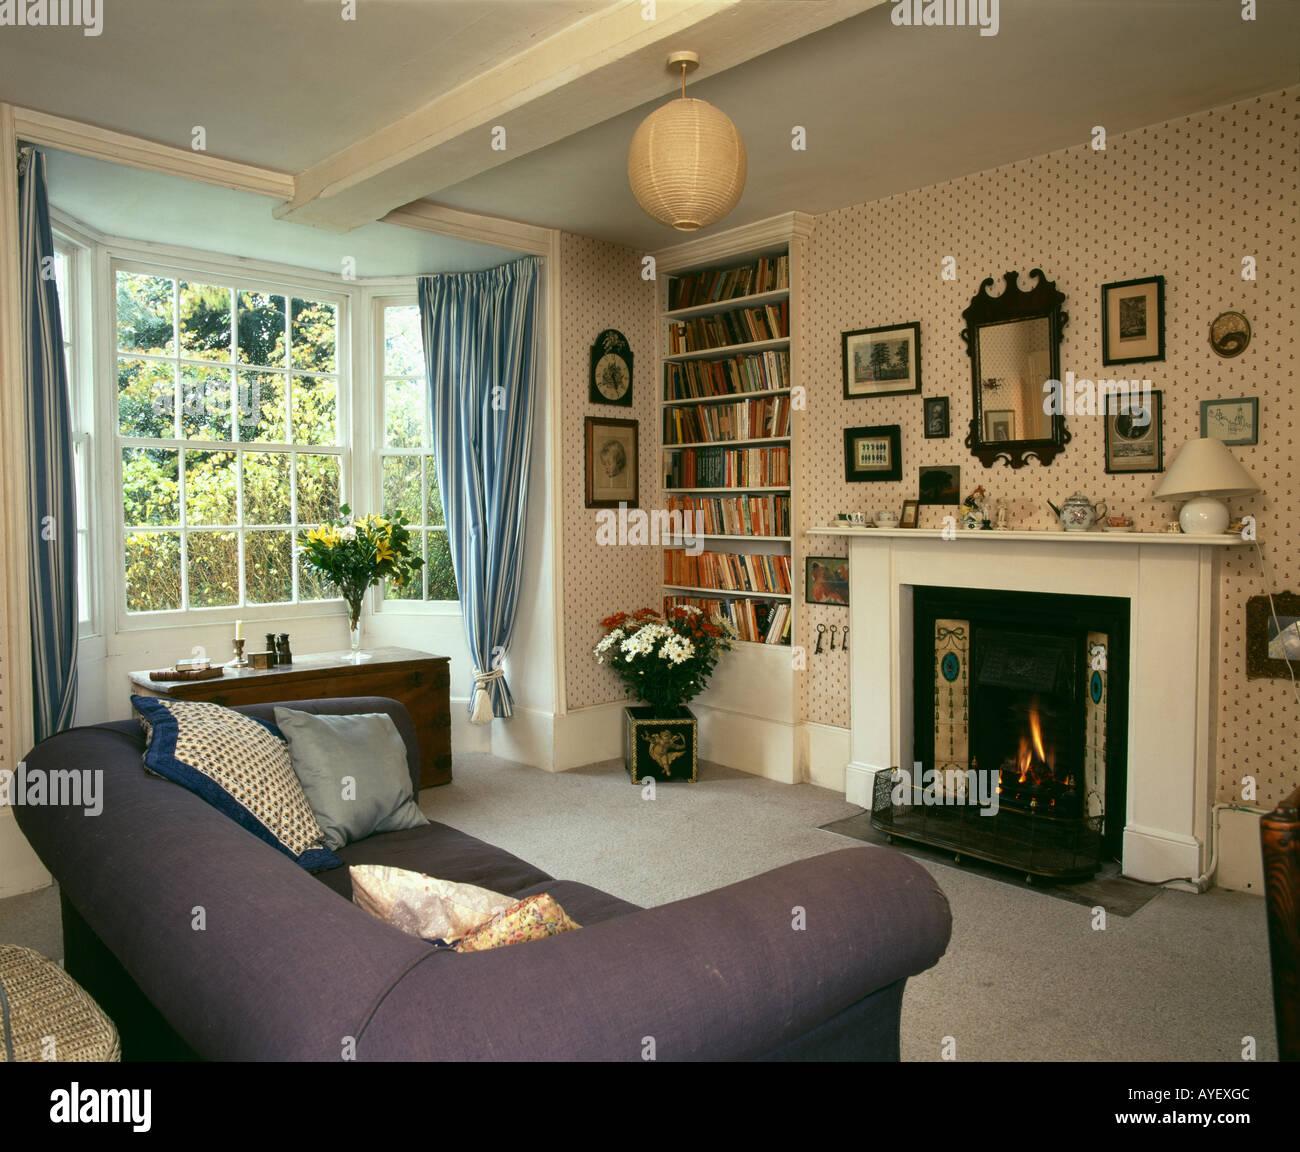 Land-Wohnzimmer mit Kamin und Ornamente, die abgehängte Decke ...